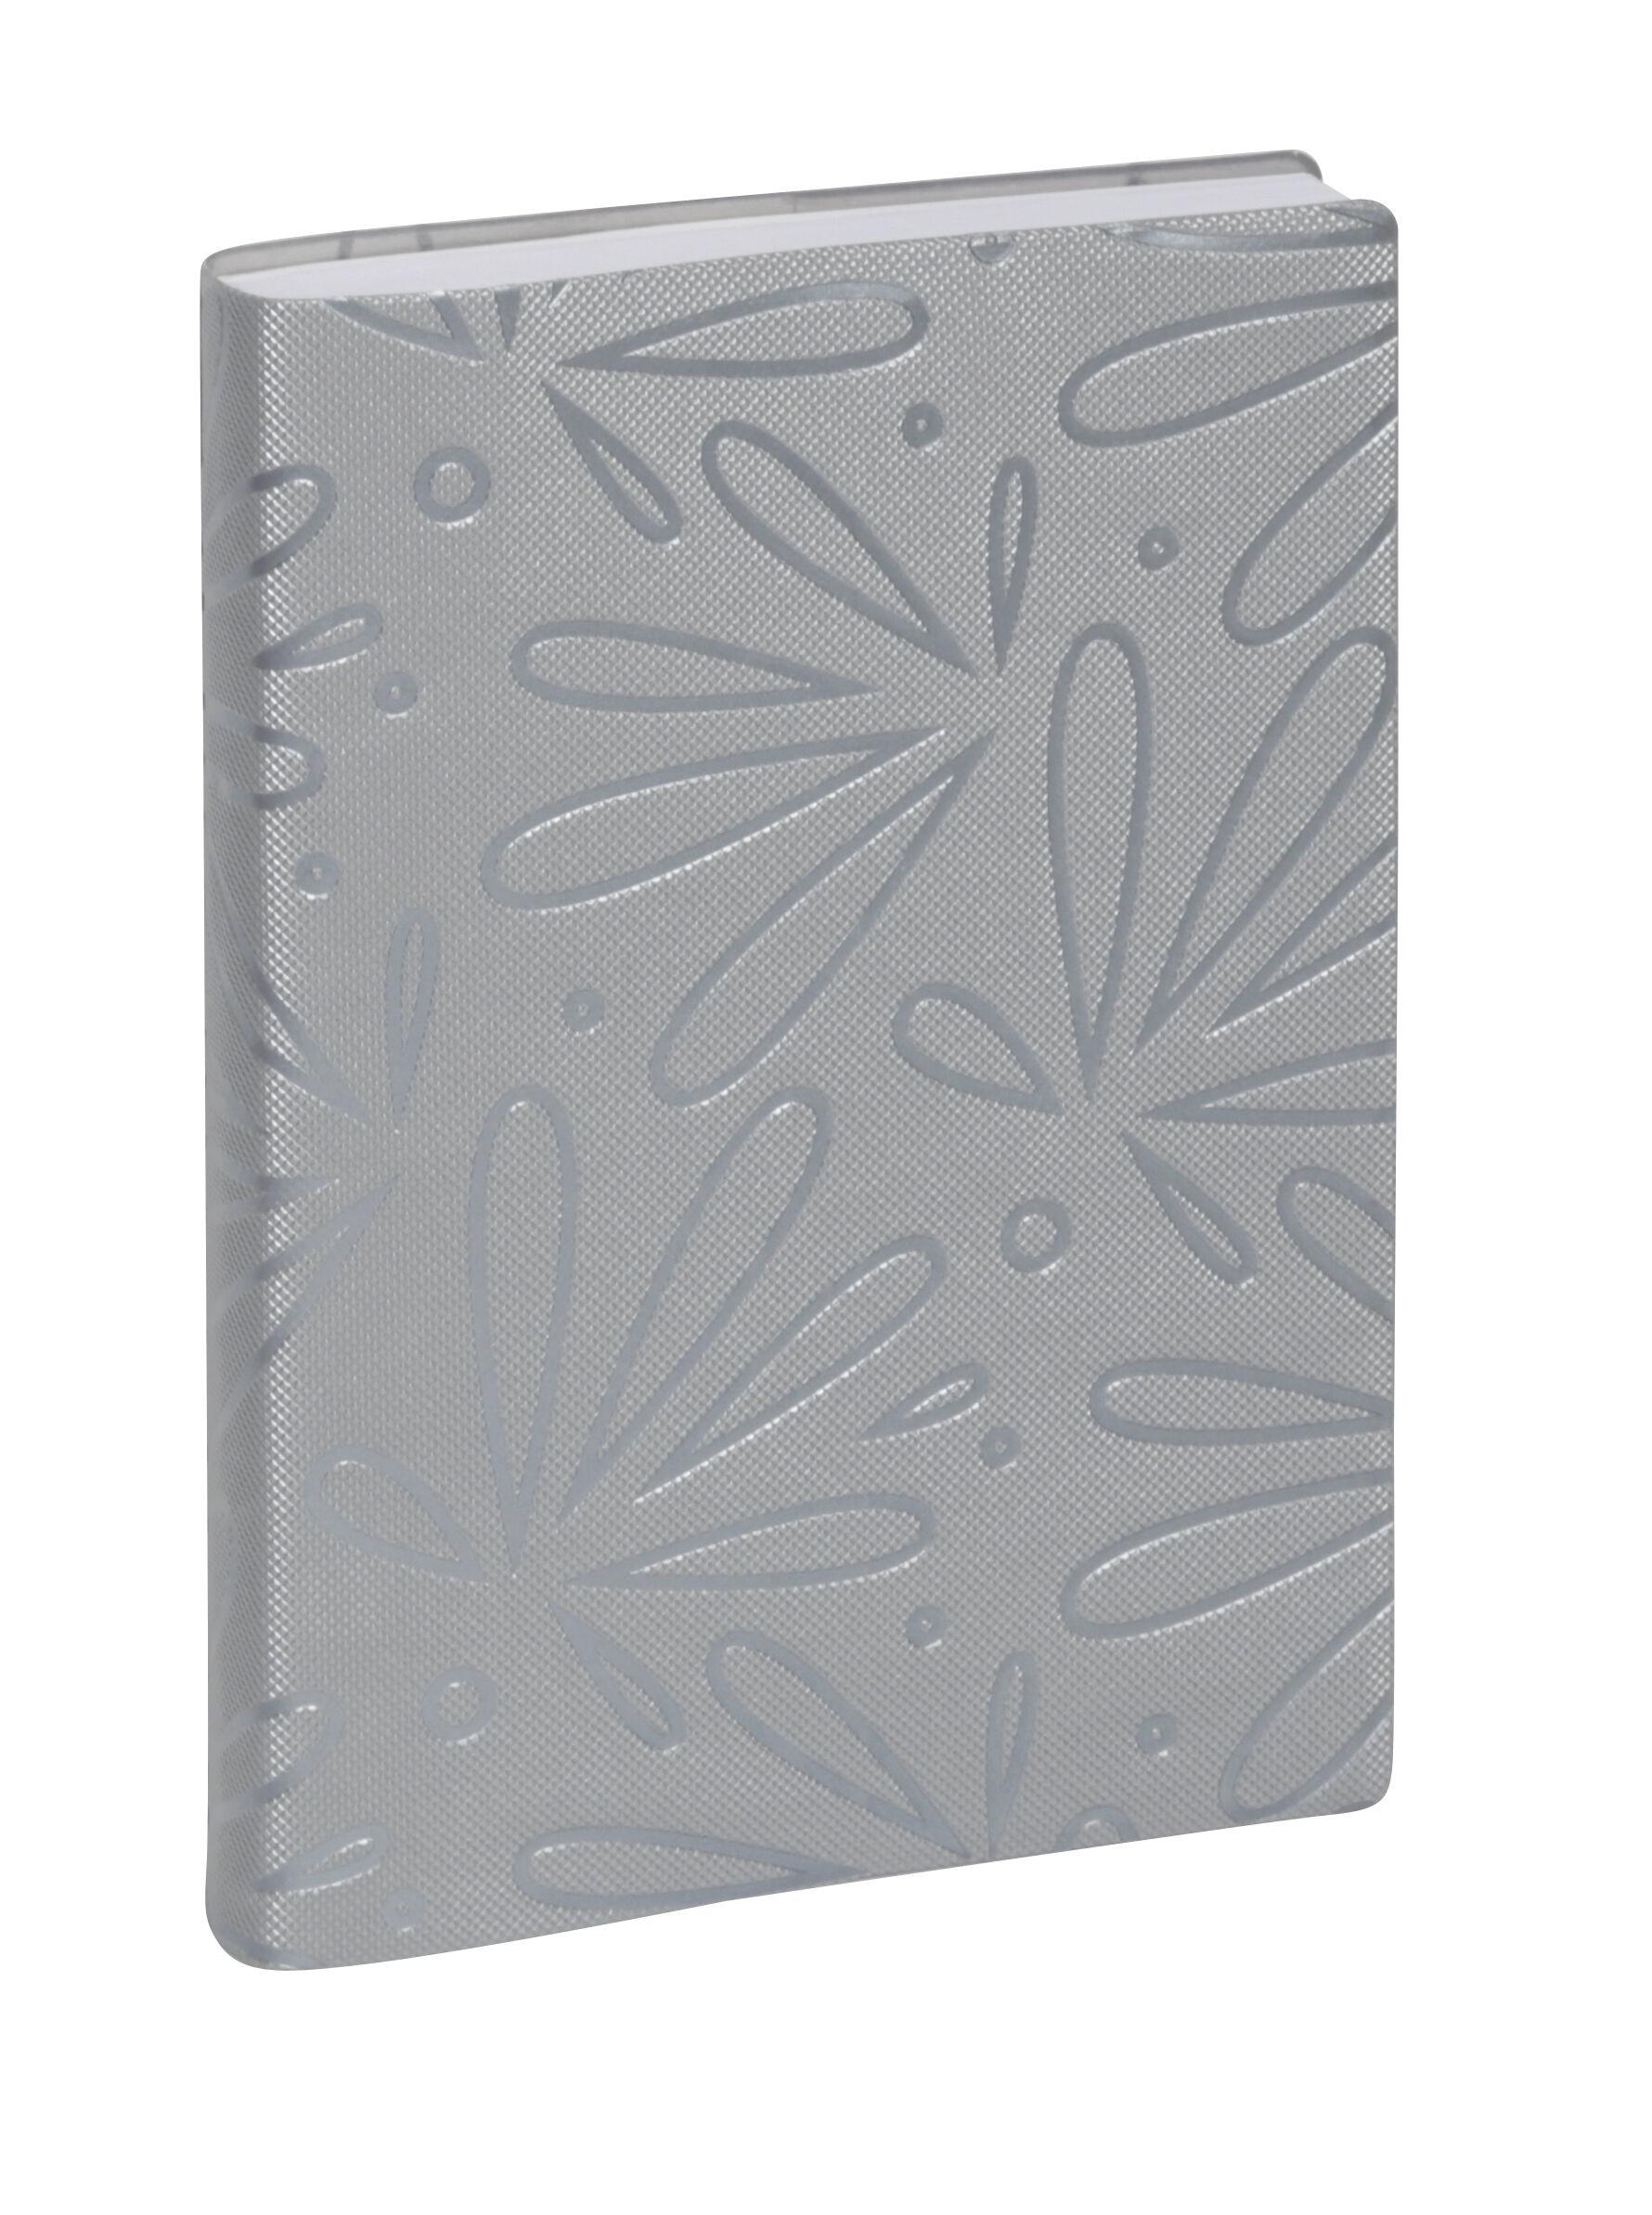 Agenda Floralie - 1 jour par page - 12 x 17 cm - disponible dans différentes couleurs - Exacompta